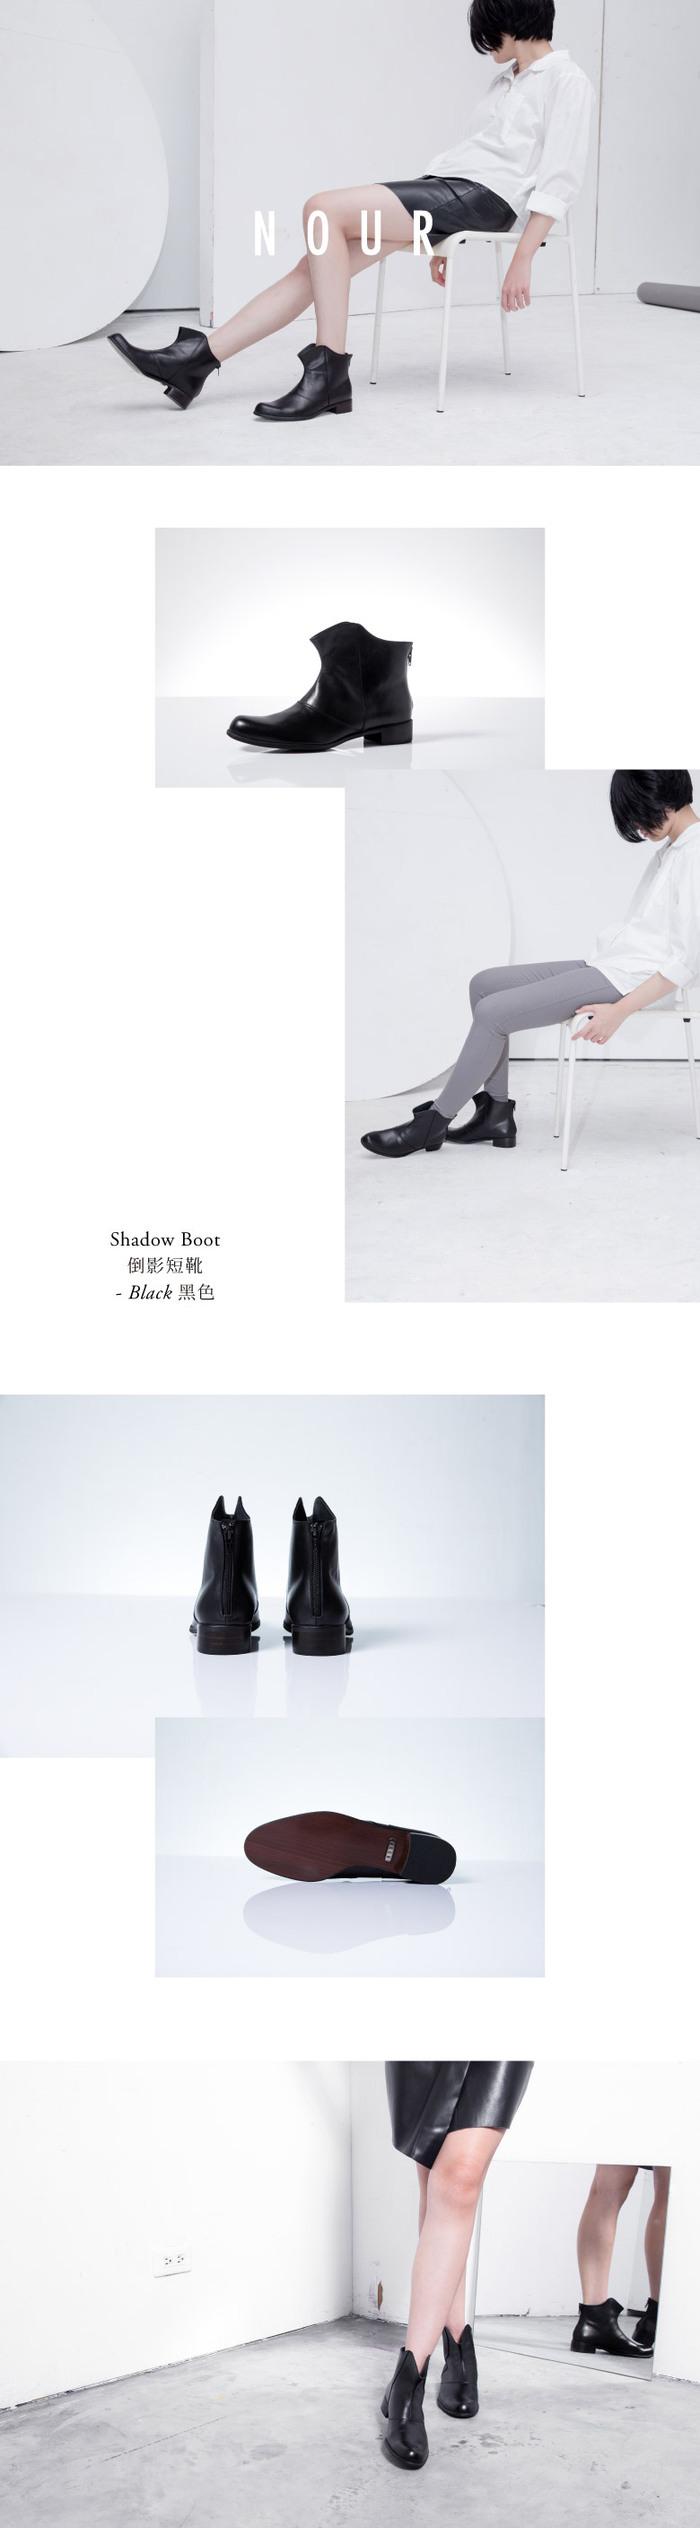 (複製)NOUR|shadow boot 倒影短靴-Umber 紅咖啡色